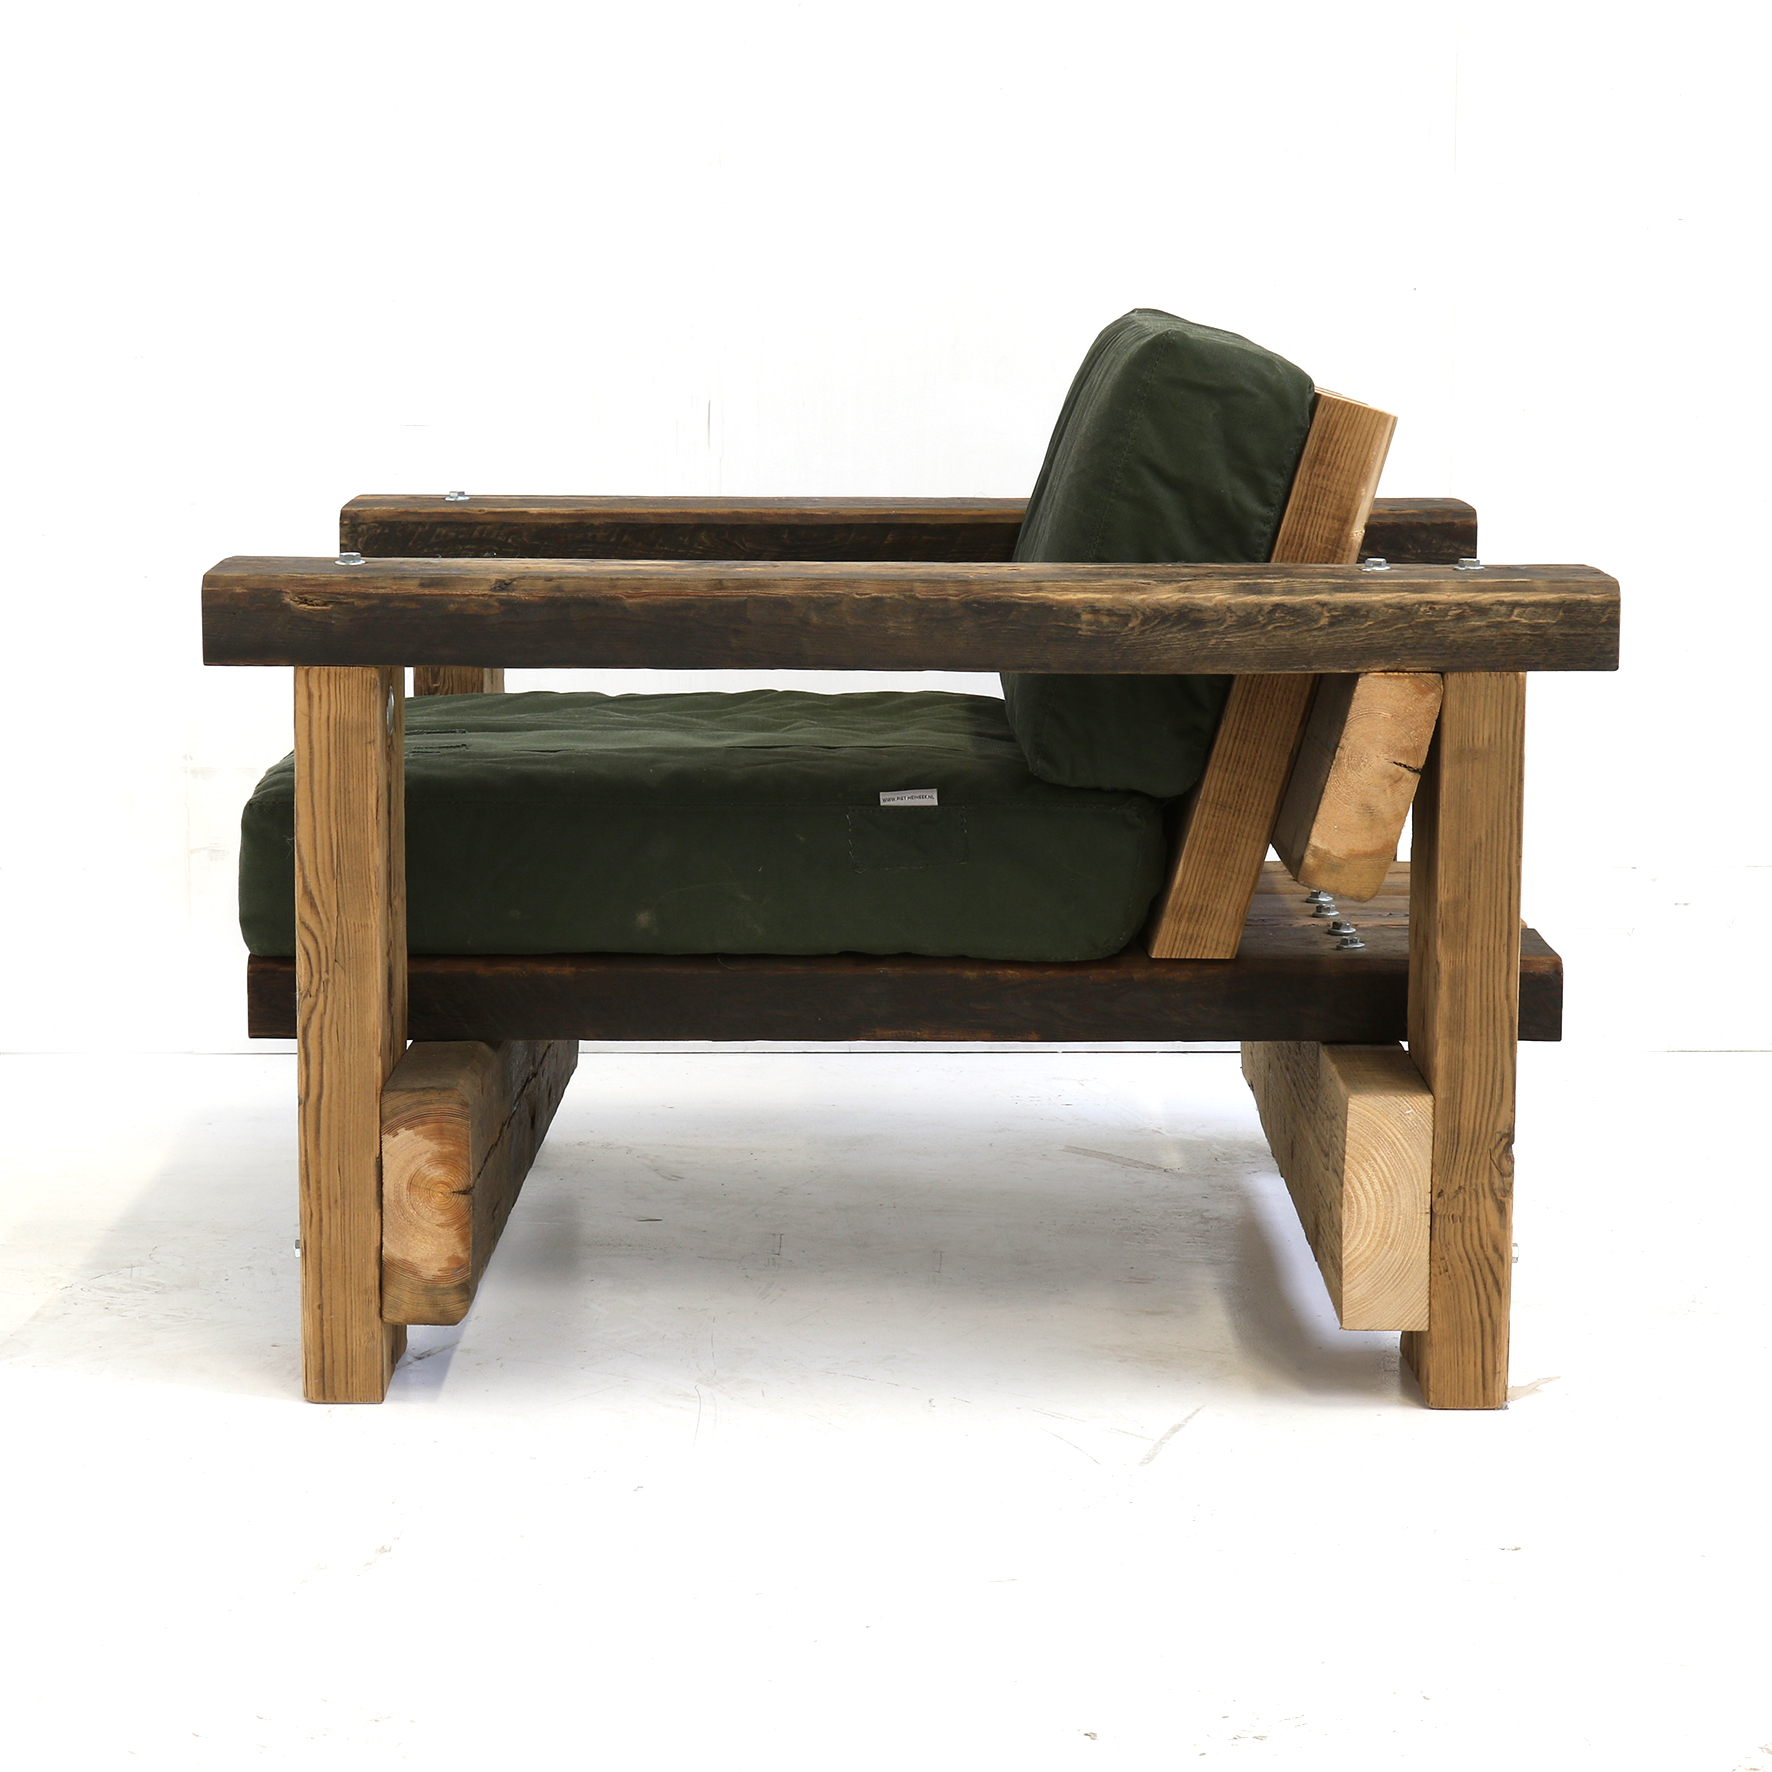 balkenfauteuil-met-kussens-detail - beam - armchair - upholstered